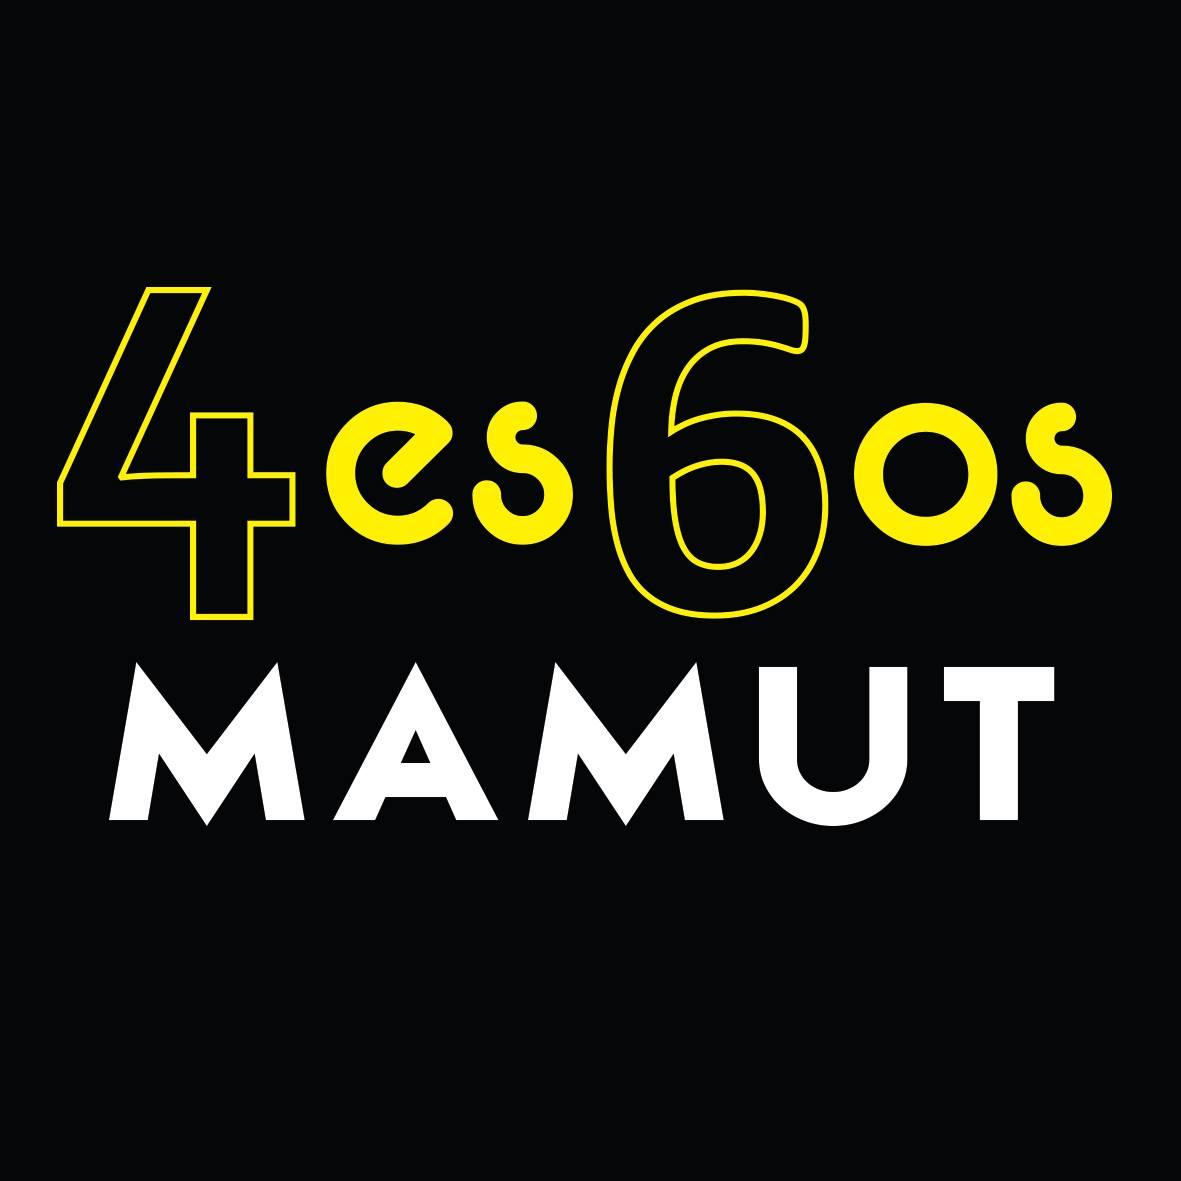 4es6os MAMUT